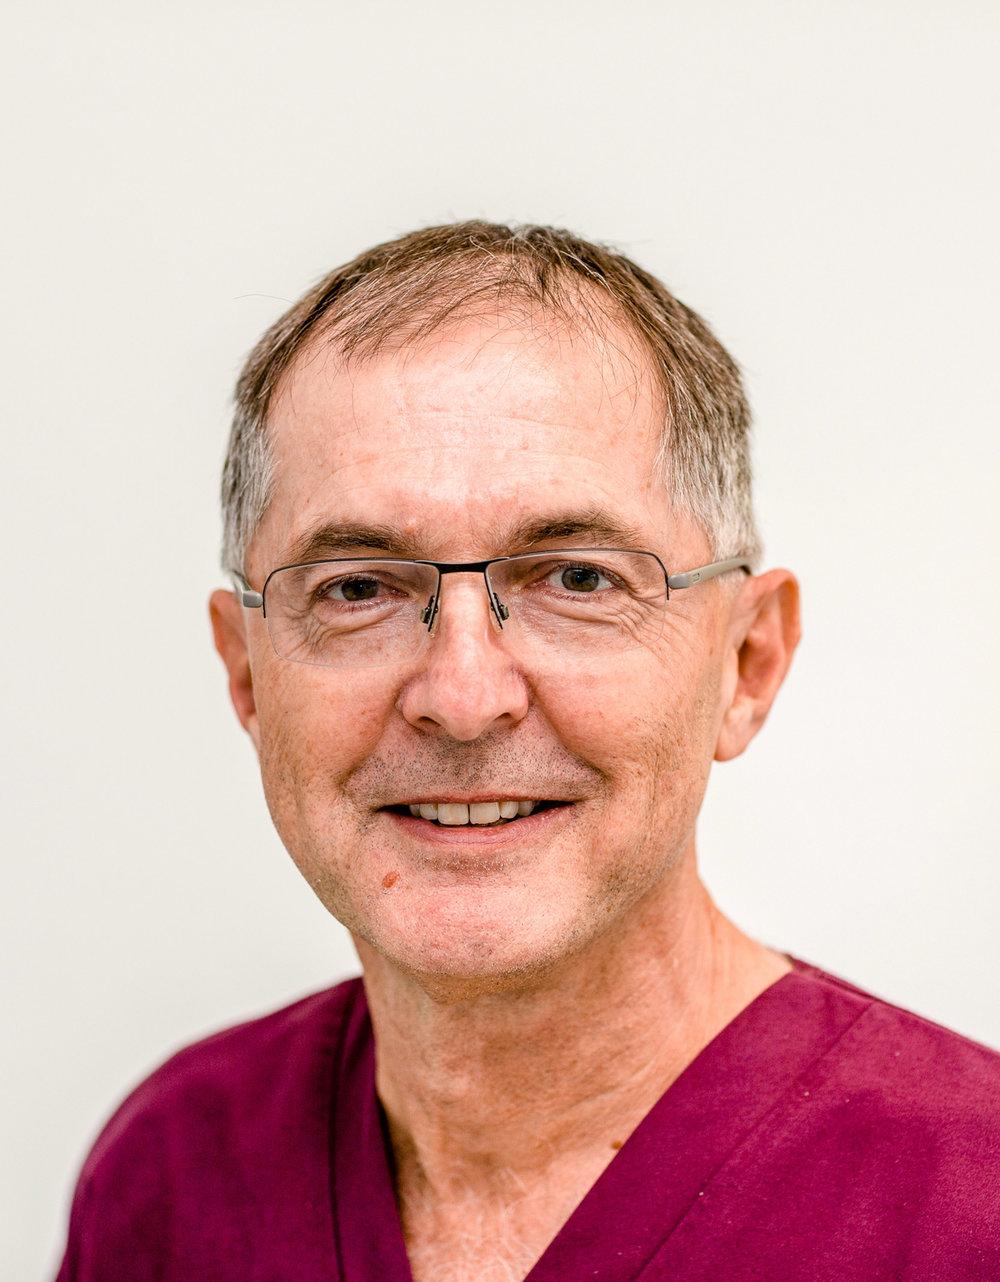 THM-Portrait-einzeln-2017-08-v1-04-Dr.Wolfgang-Penker.jpg